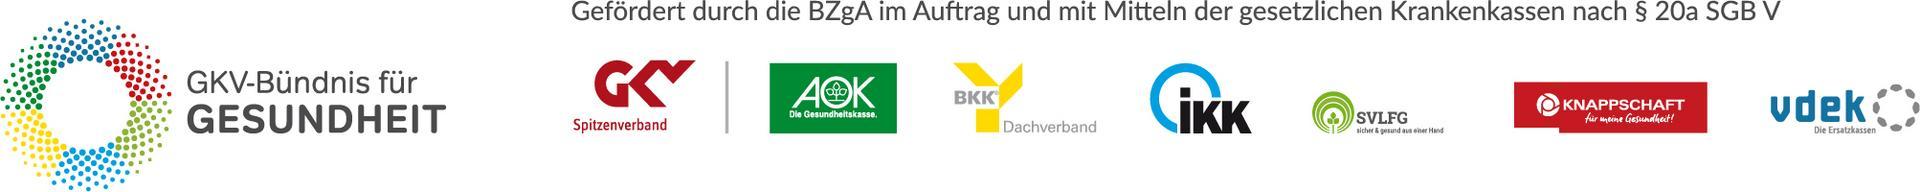 Logo des GKV-Bündnis für Gesundheit, sowie des GKV Spitzenverbandes sowie der Krankenkassen AOK, BKK, IKK, SVLFG, Knappschaft und VDEK